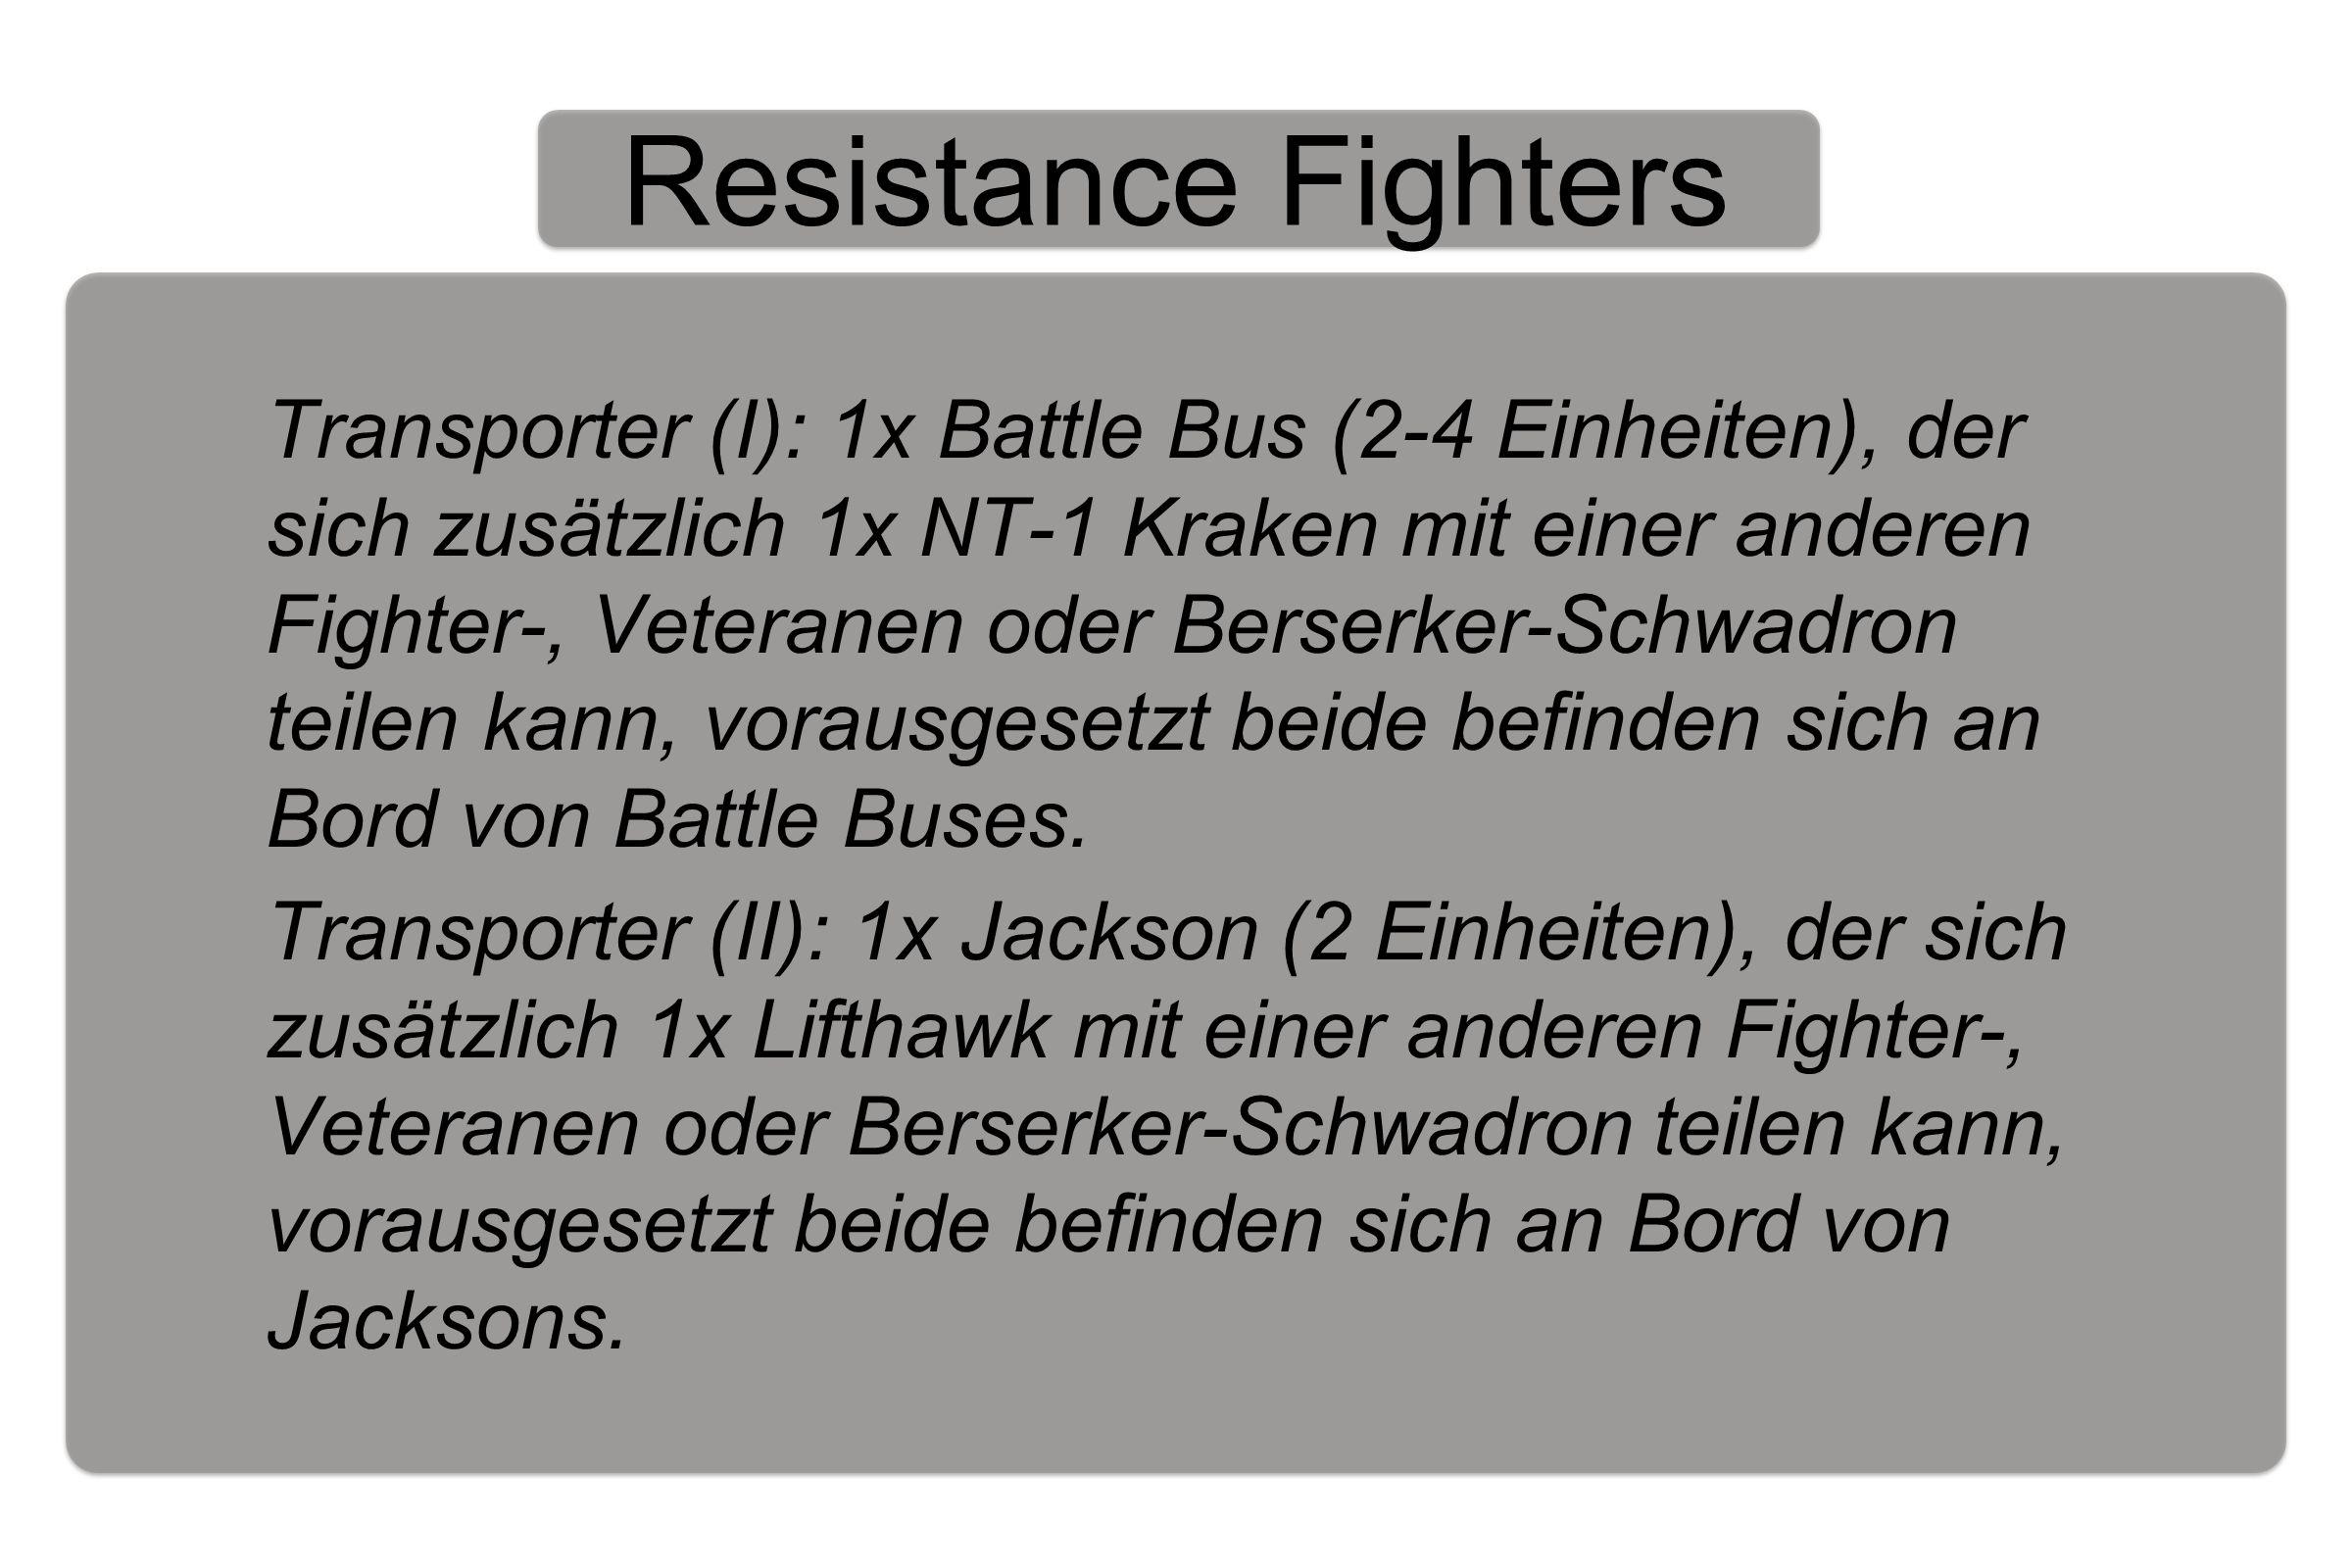 Resistance Fighters Transporter (I): 1x Battle Bus (2-4 Einheiten), der sich zusätzlich 1x NT-1 Kraken mit einer anderen Fighter-, Veteranen oder Berserker-Schwadron teilen kann, vorausgesetzt beide befinden sich an Bord von Battle Buses.